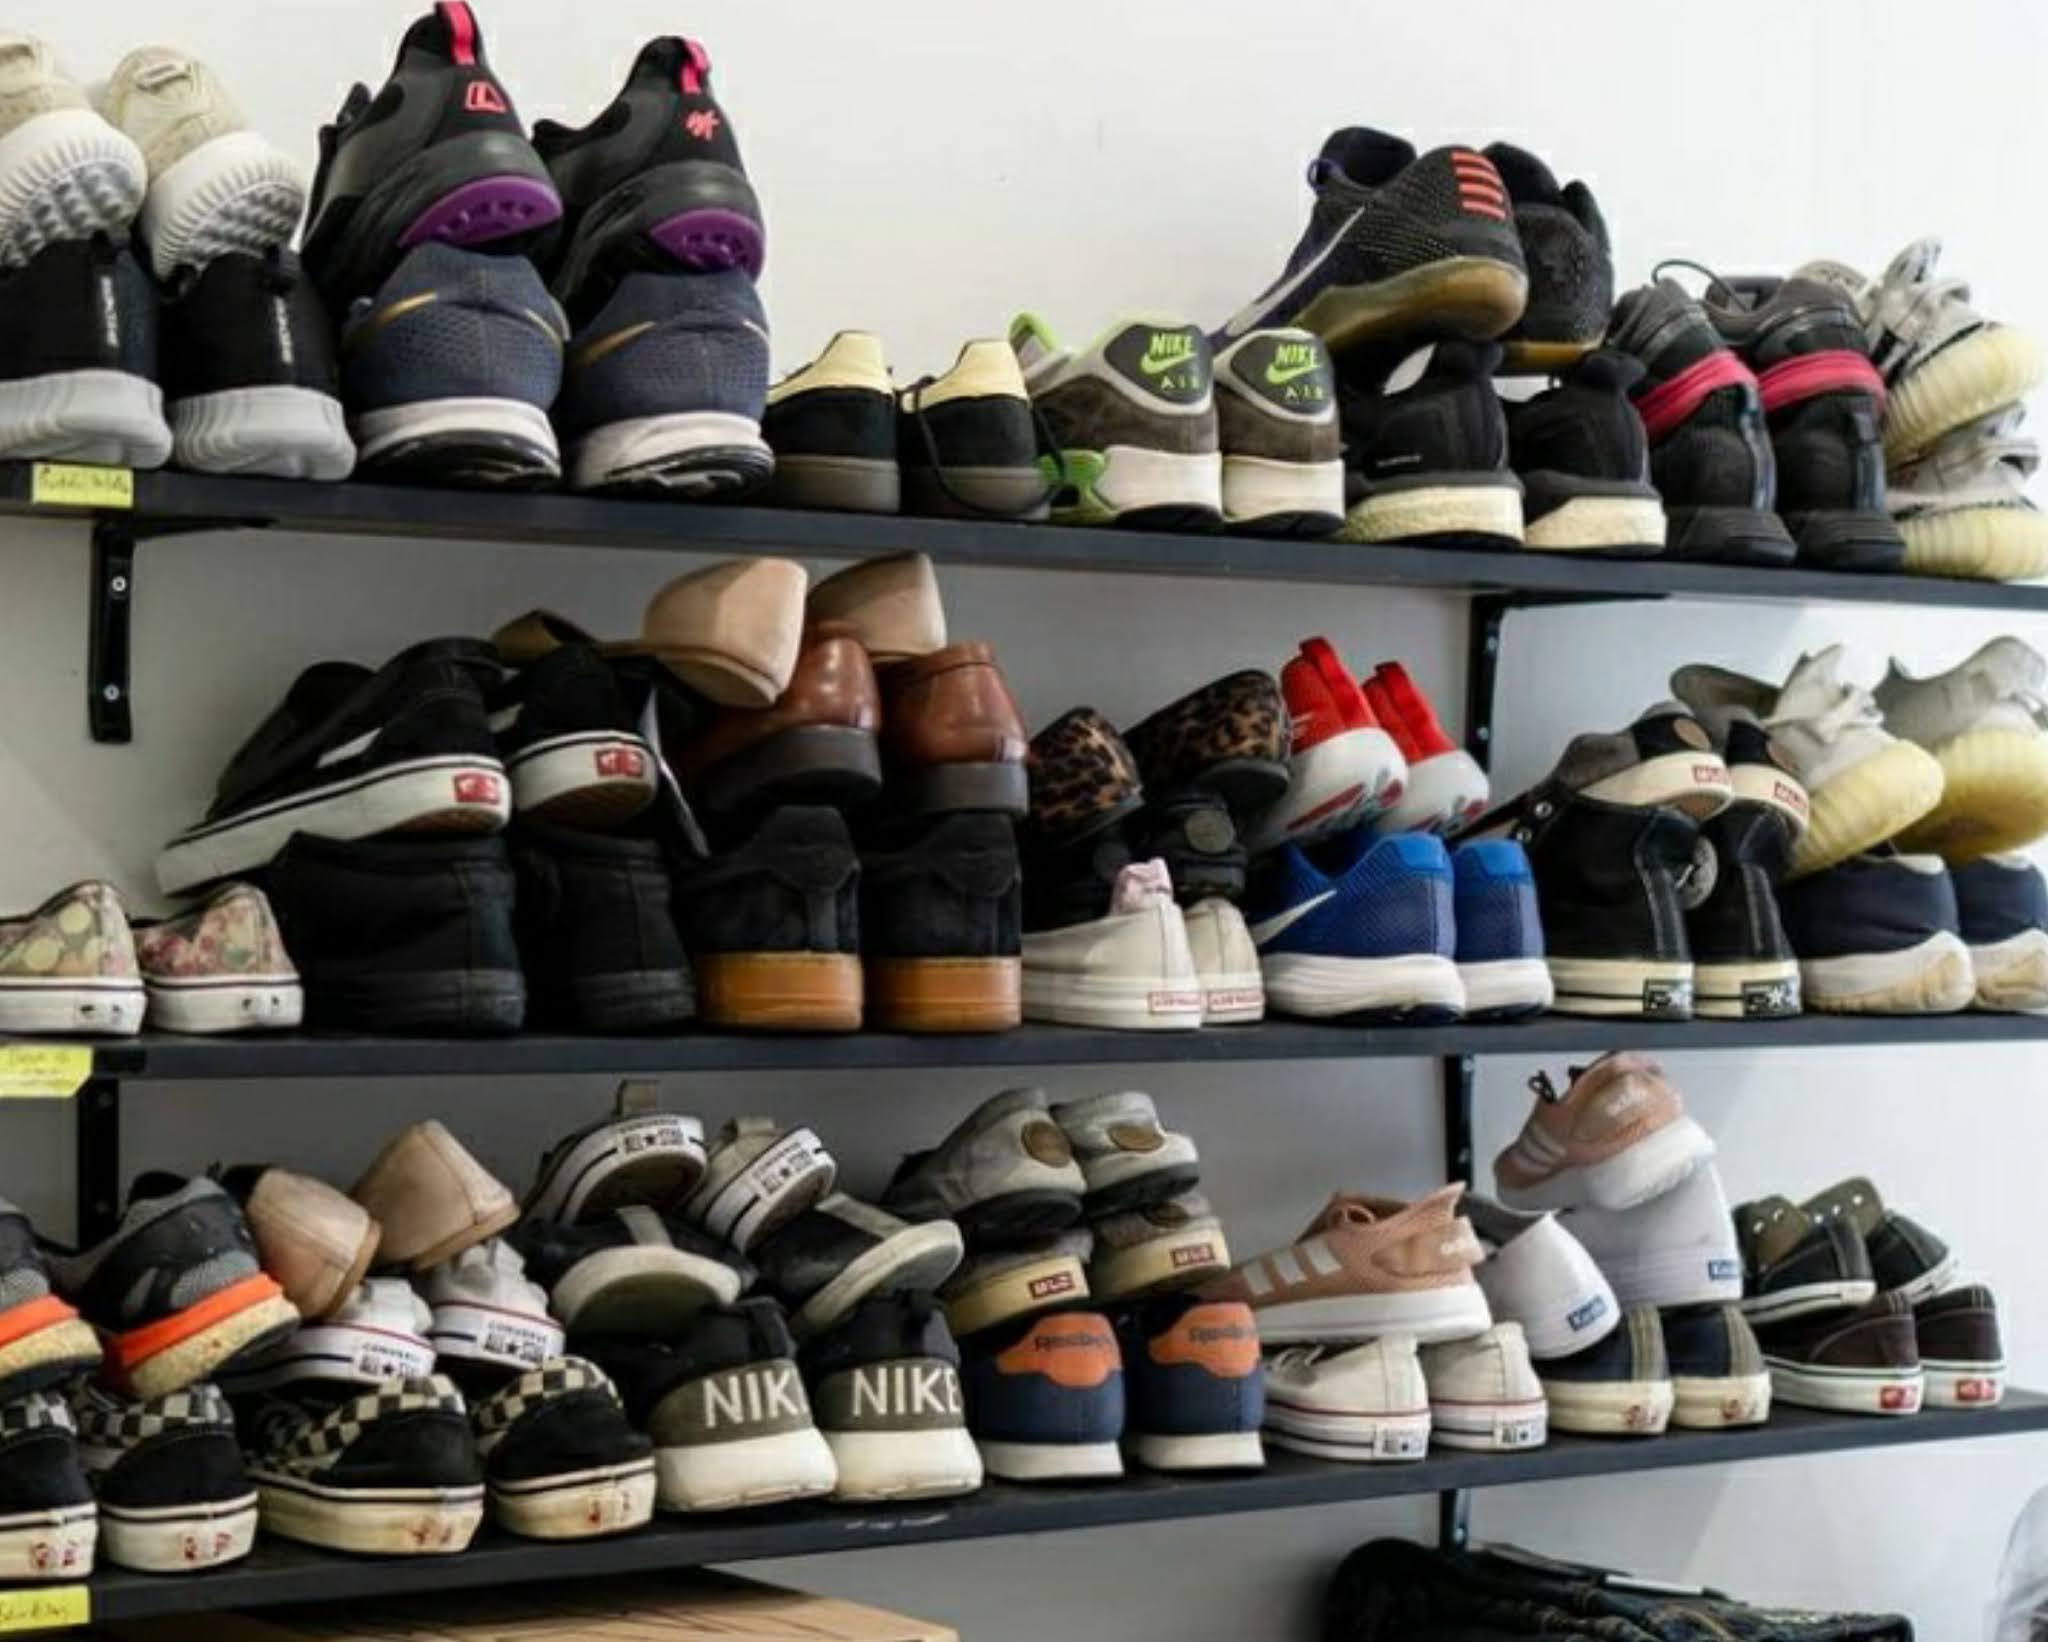 buka jasa cuci sepatu peluang bisnis menjanjikan